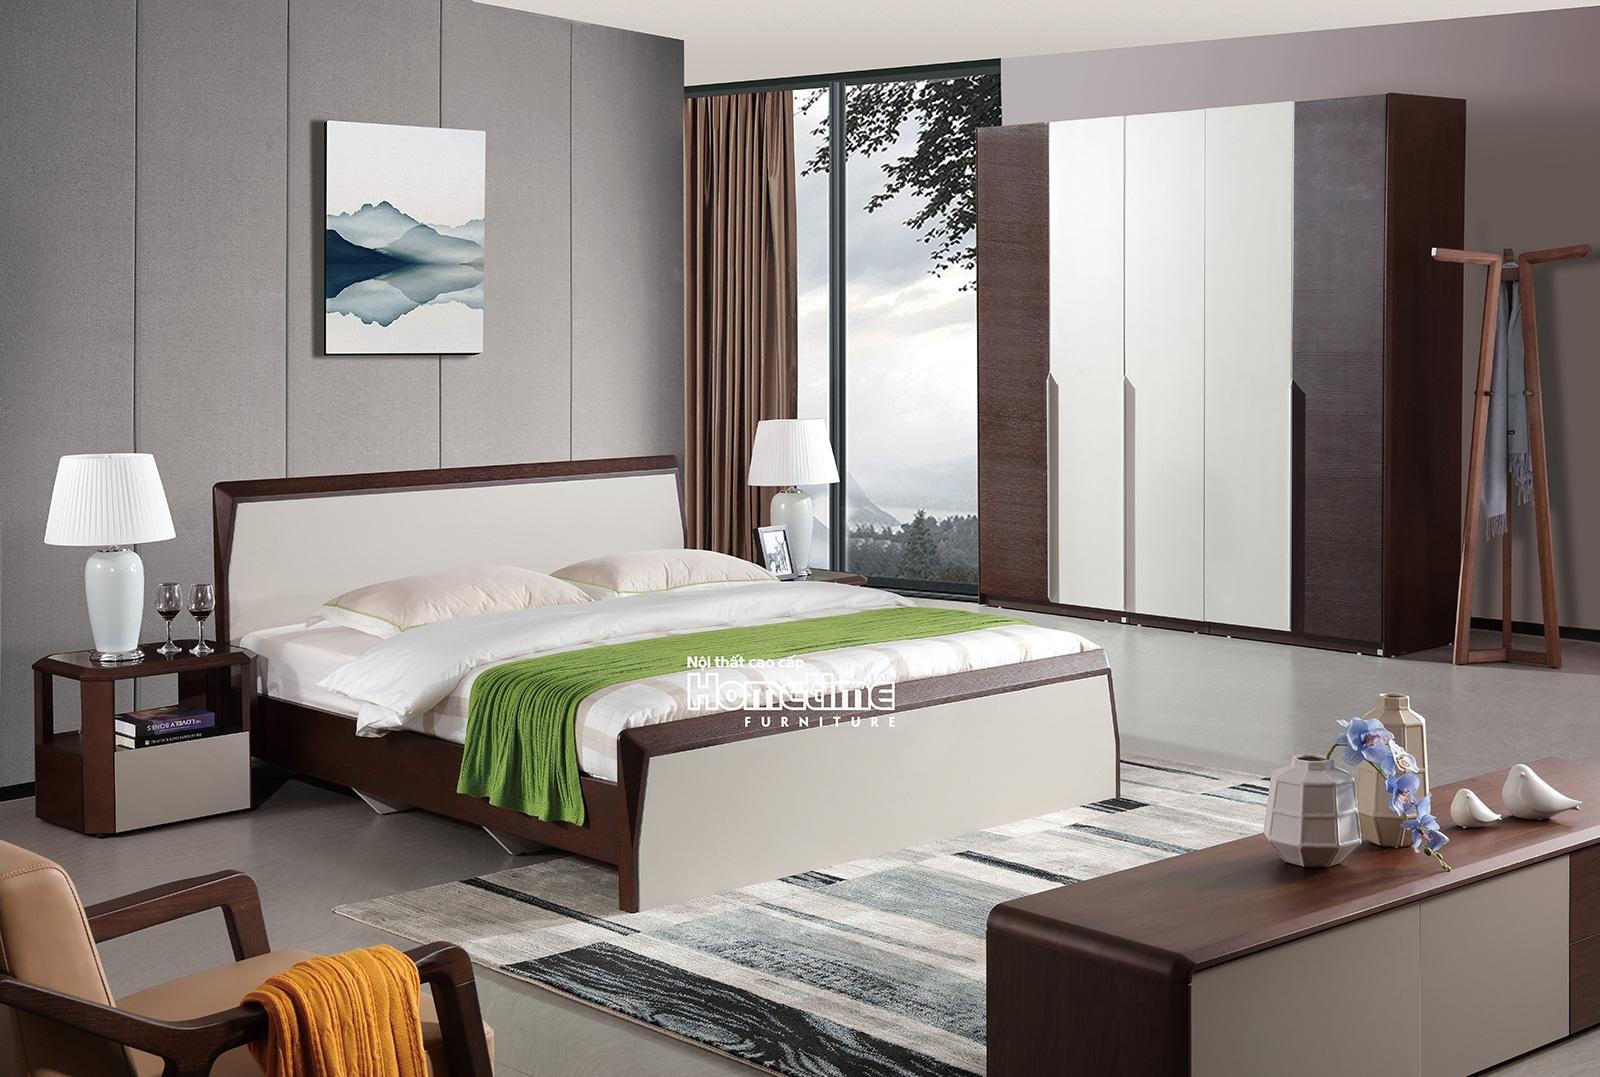 Giường ngủ nhập khẩu cao cấp Hải Phòng GNK1807